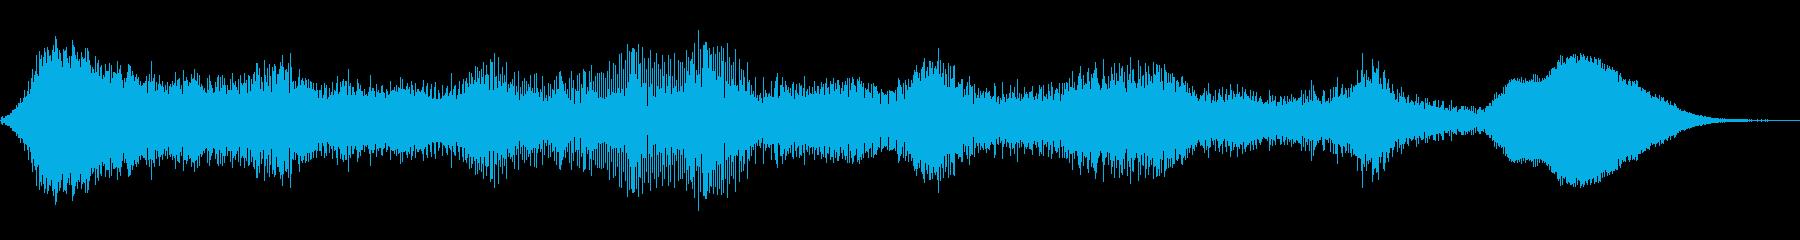 ドリフト、マシン、折lect的なス...の再生済みの波形